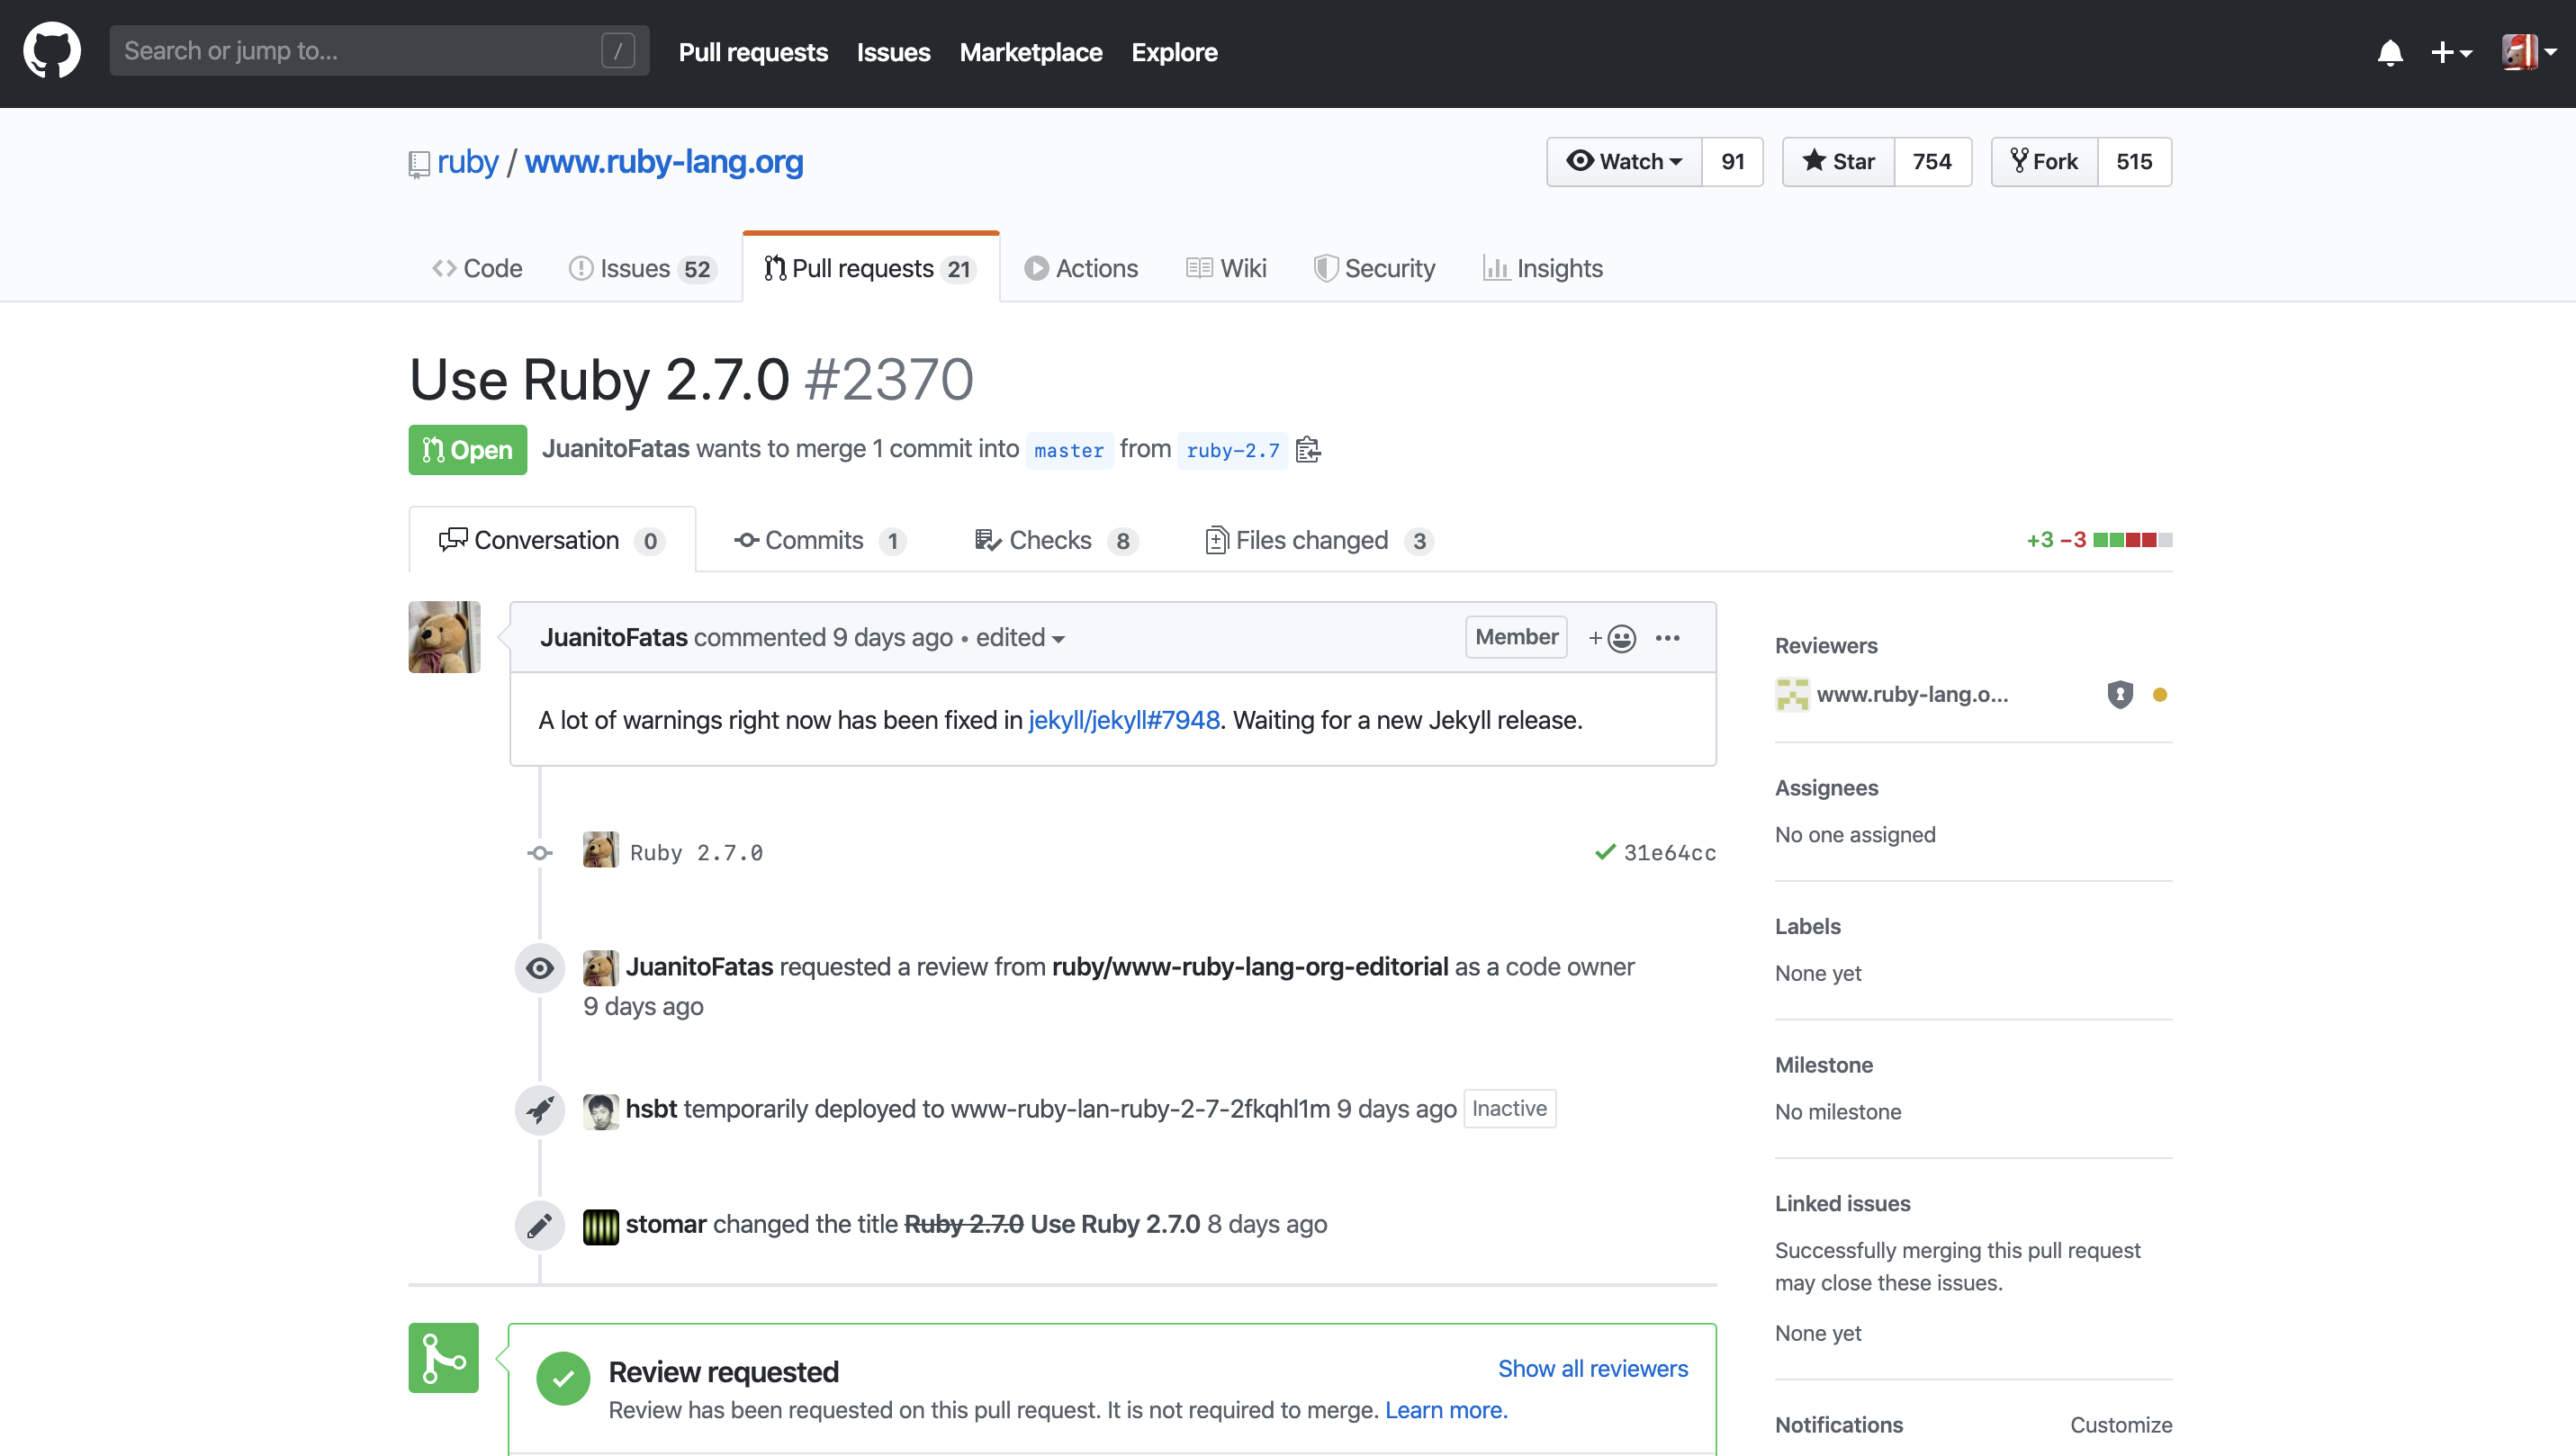 GitHub's PR page